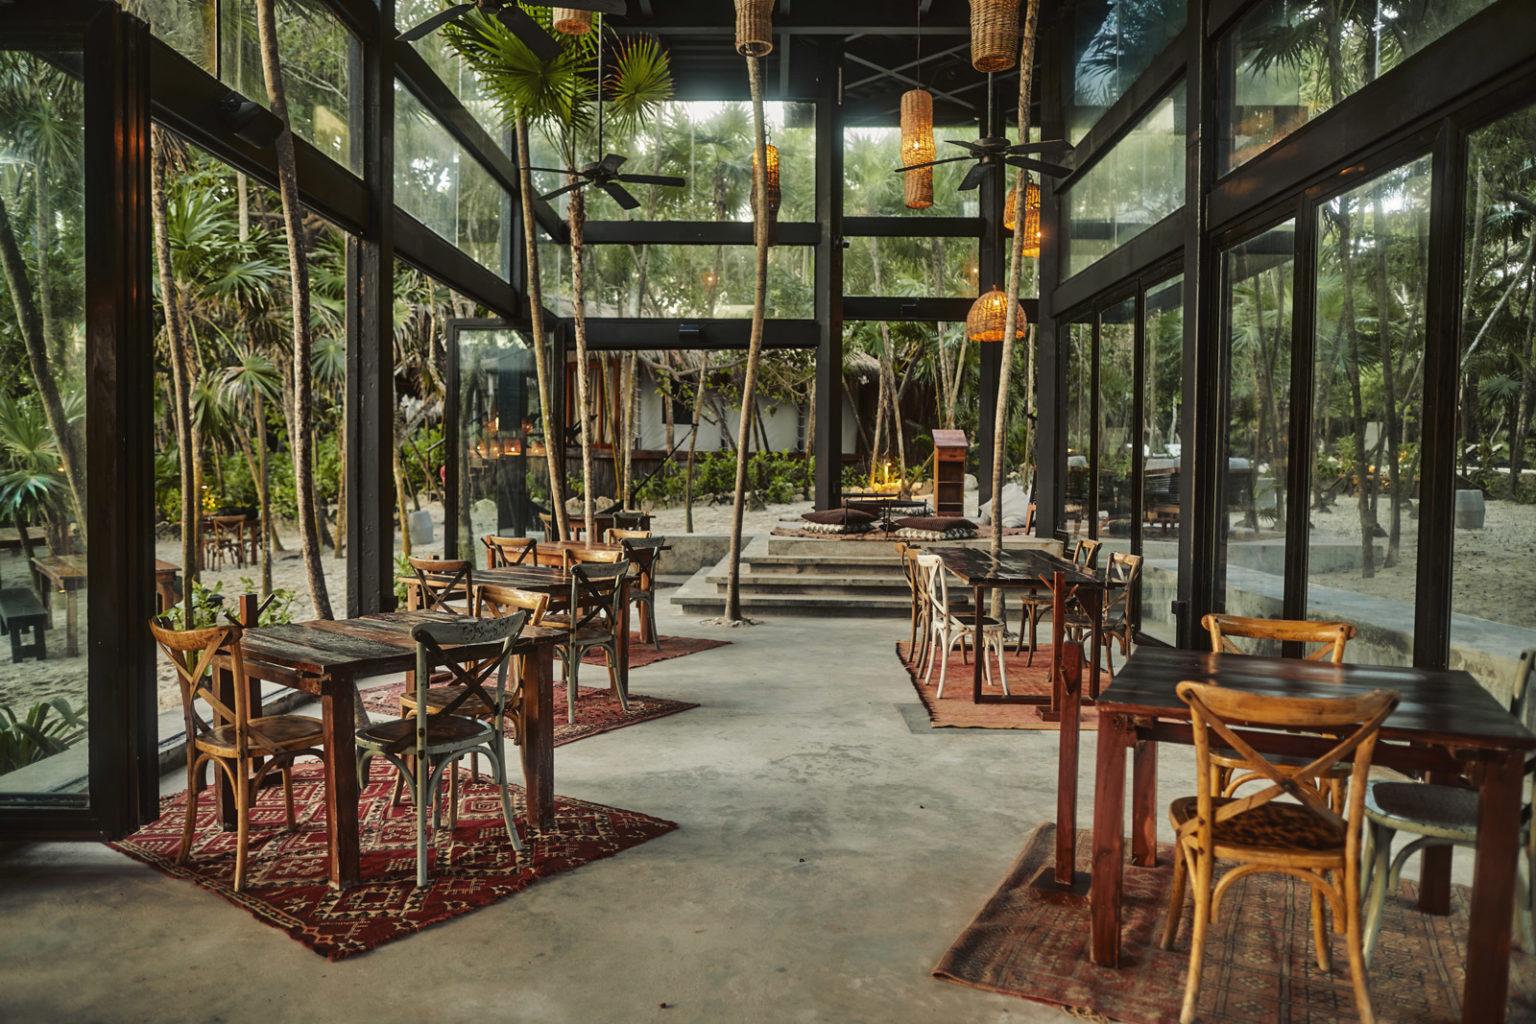 Moro es el hot spot gastronómico en Tulum que no te puedes perder